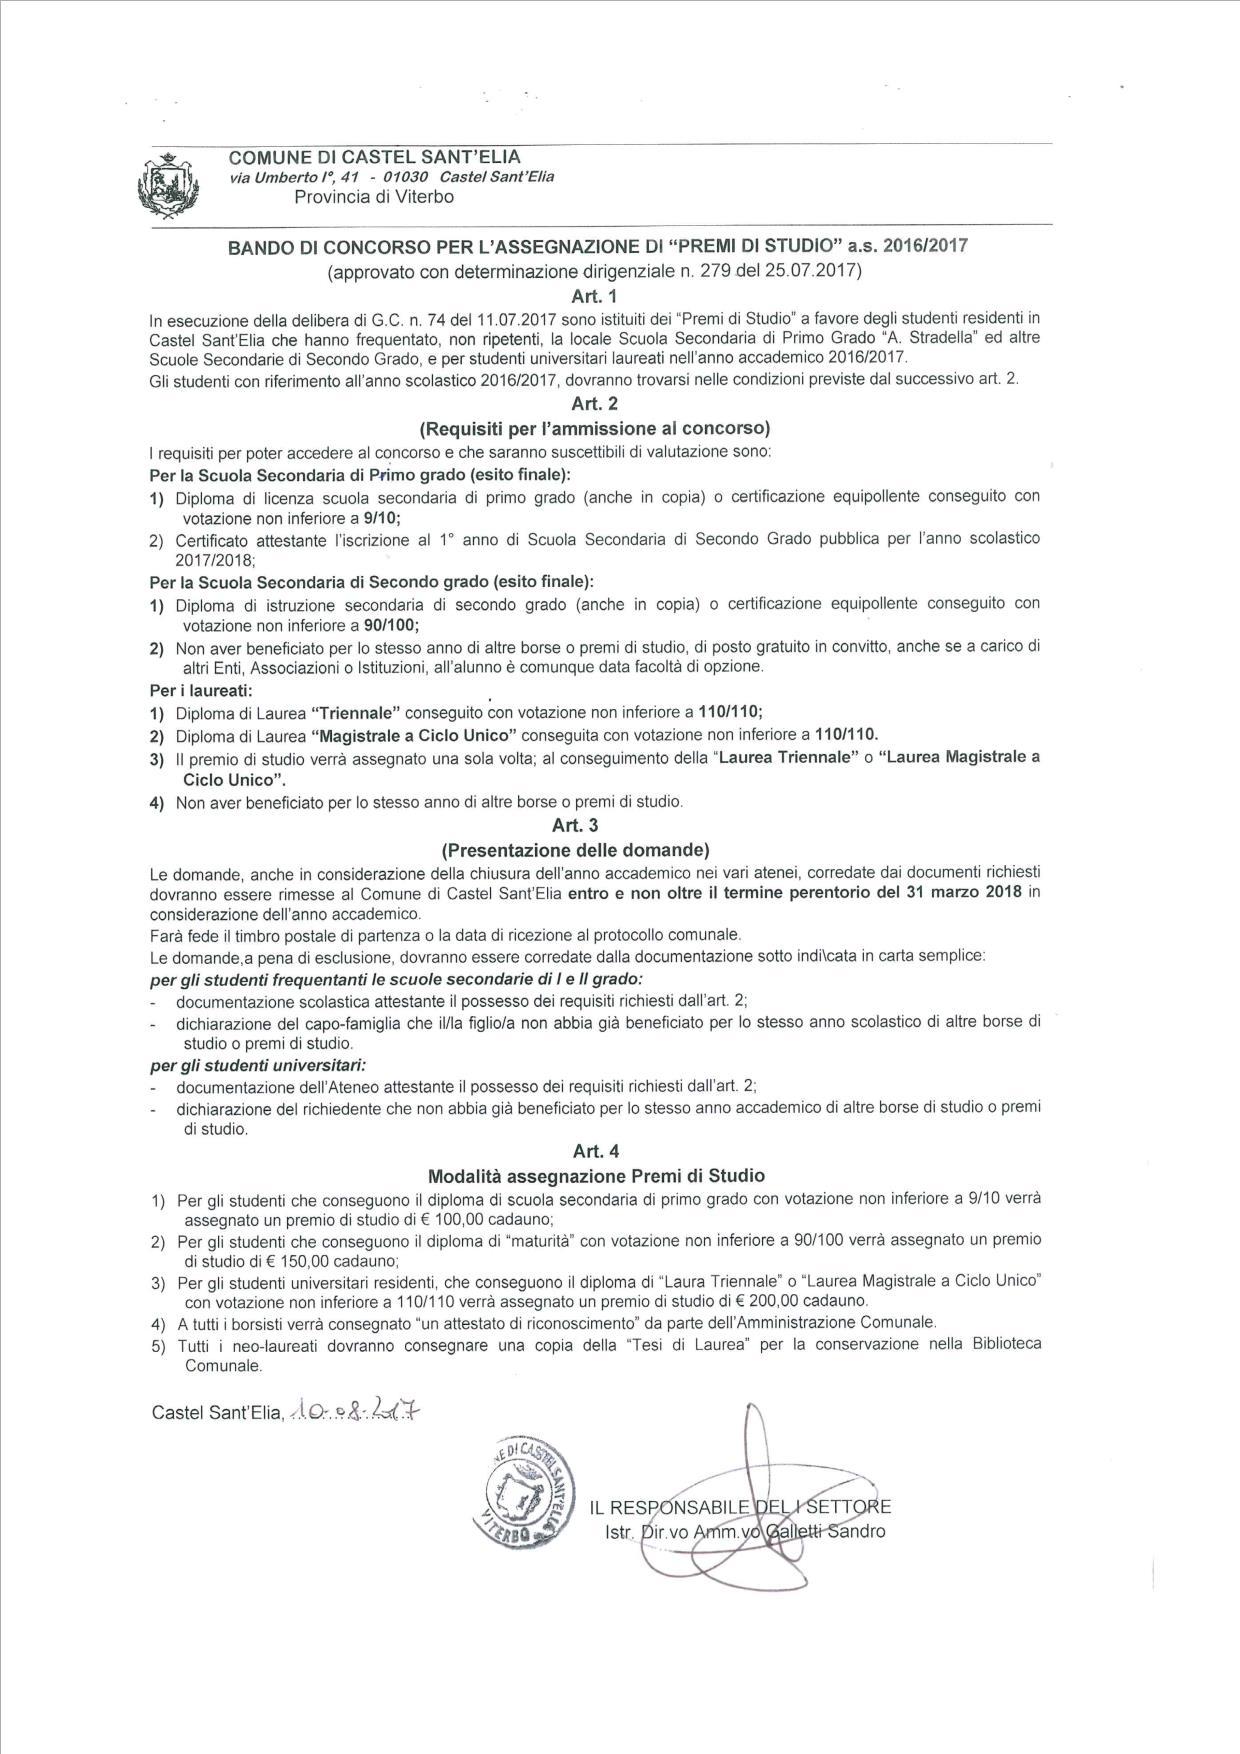 BANDO PREMI DI STUDIO